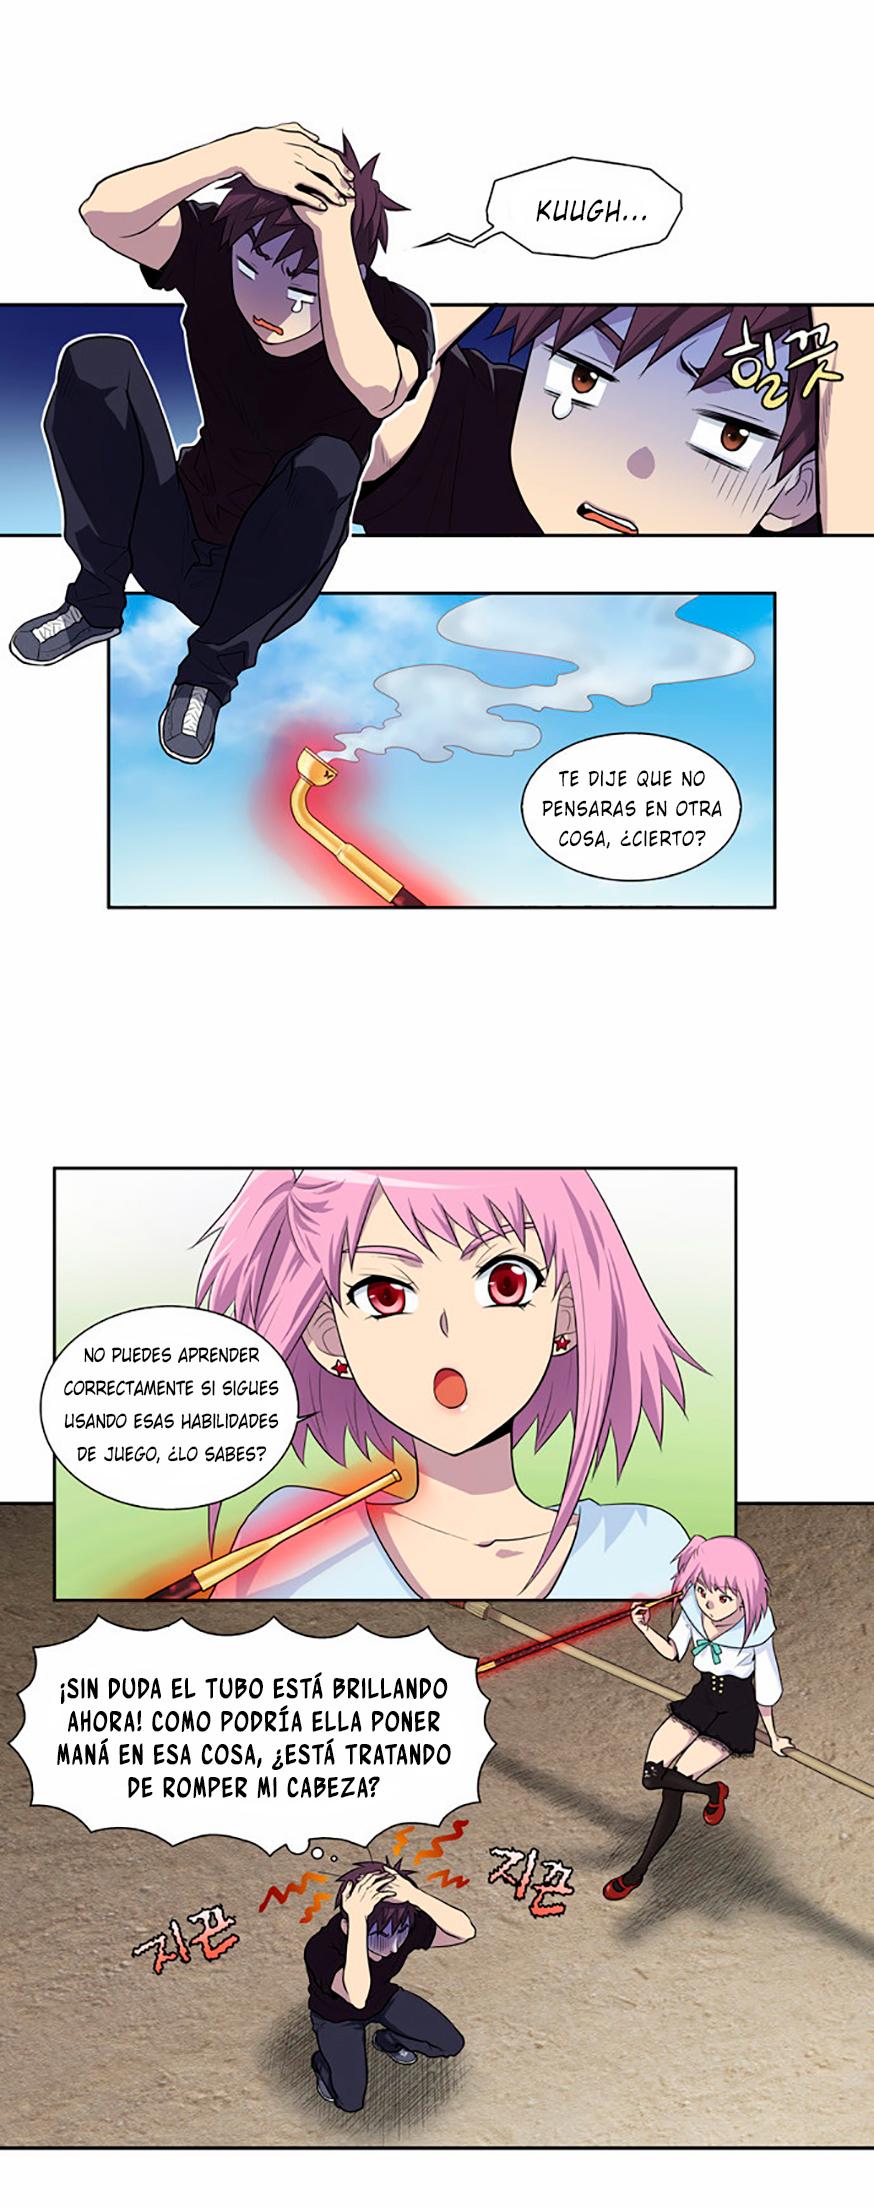 http://c5.ninemanga.com/es_manga/61/1725/389275/712a3c9878efeae8ff06d57432016ceb.jpg Page 5